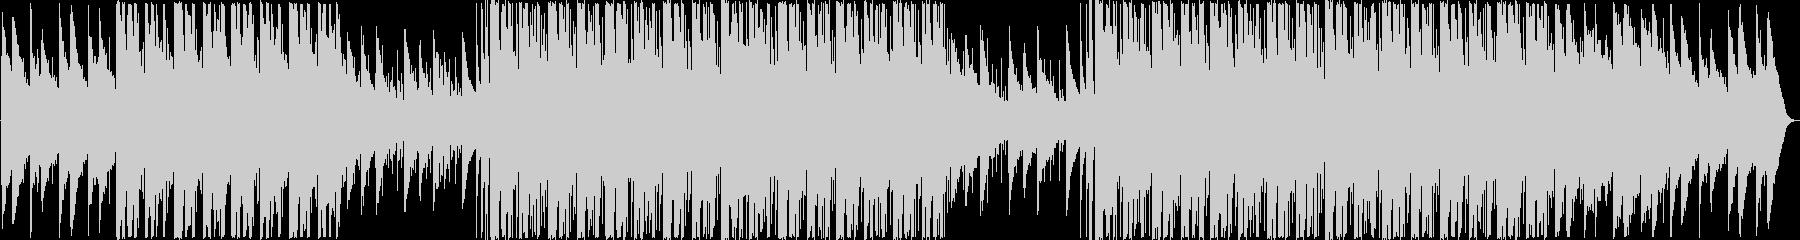 オルゴールが奏でる美しいEDMの未再生の波形